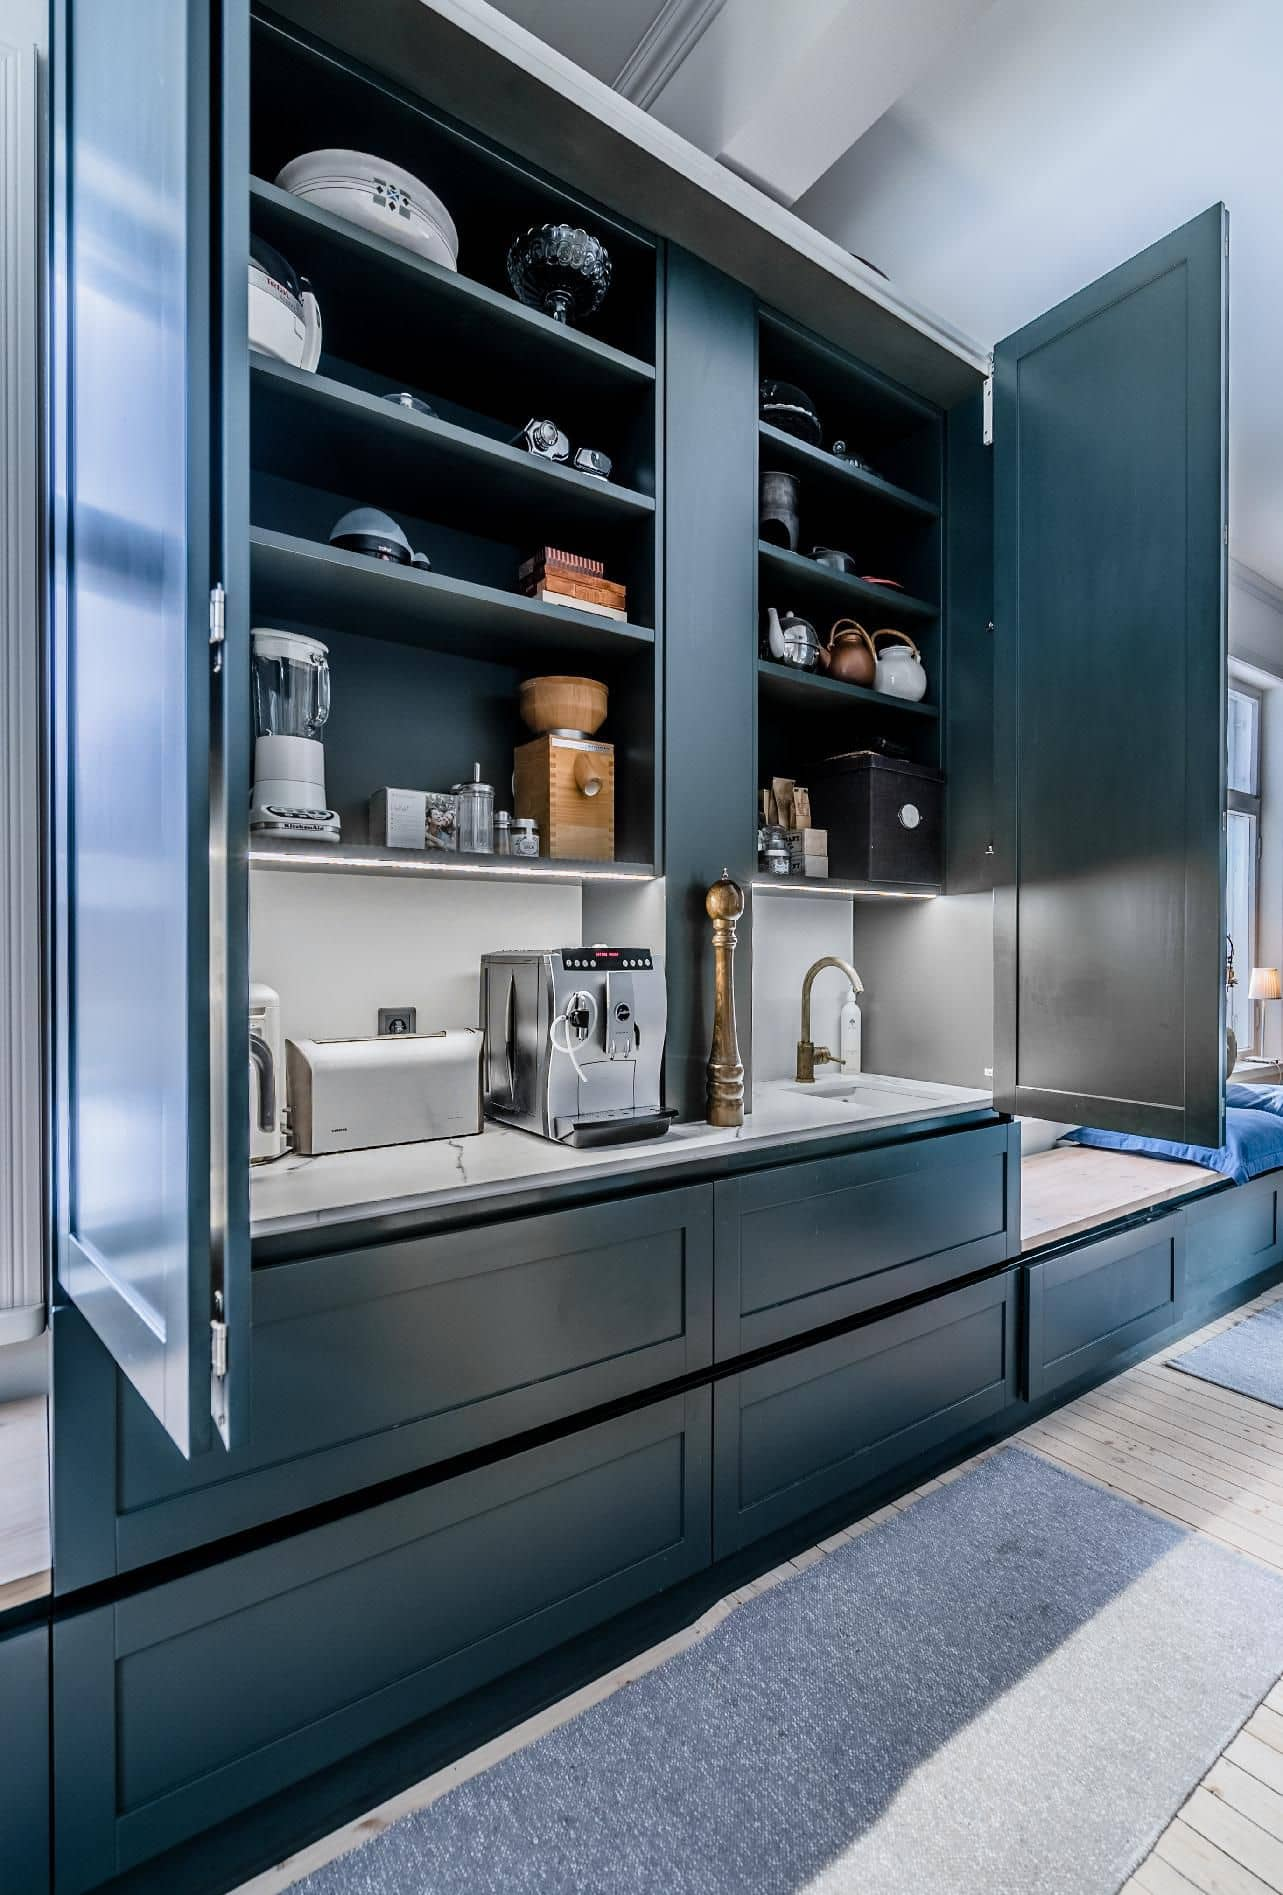 Armadio per elettrodomestici in cucina